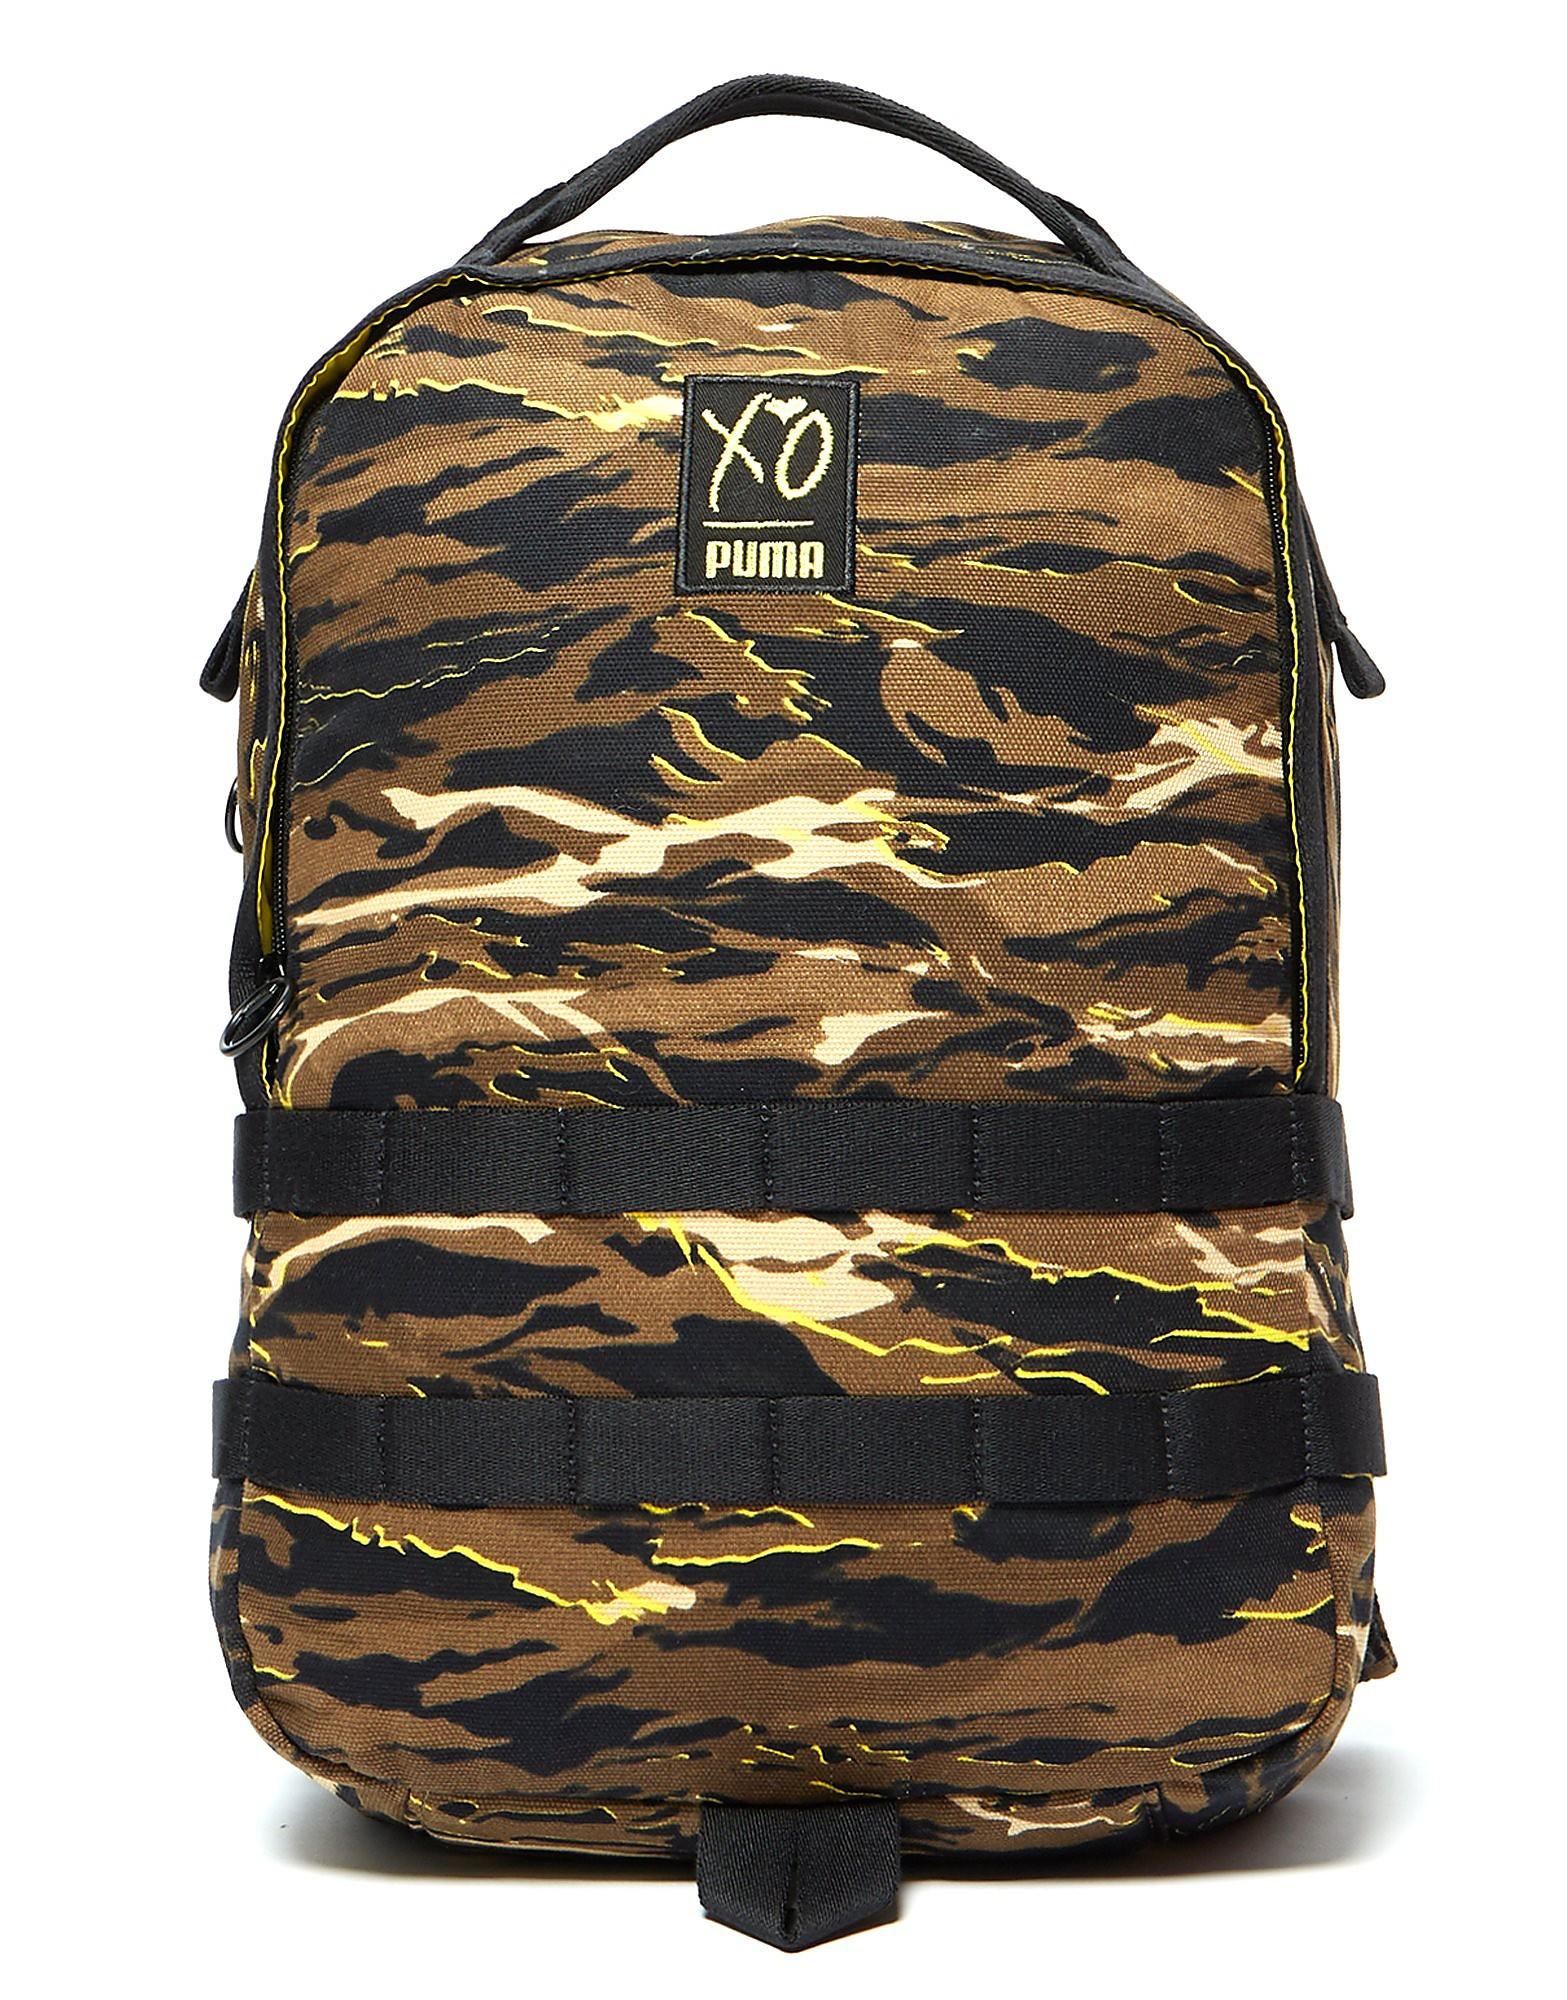 PUMA XO Backpack